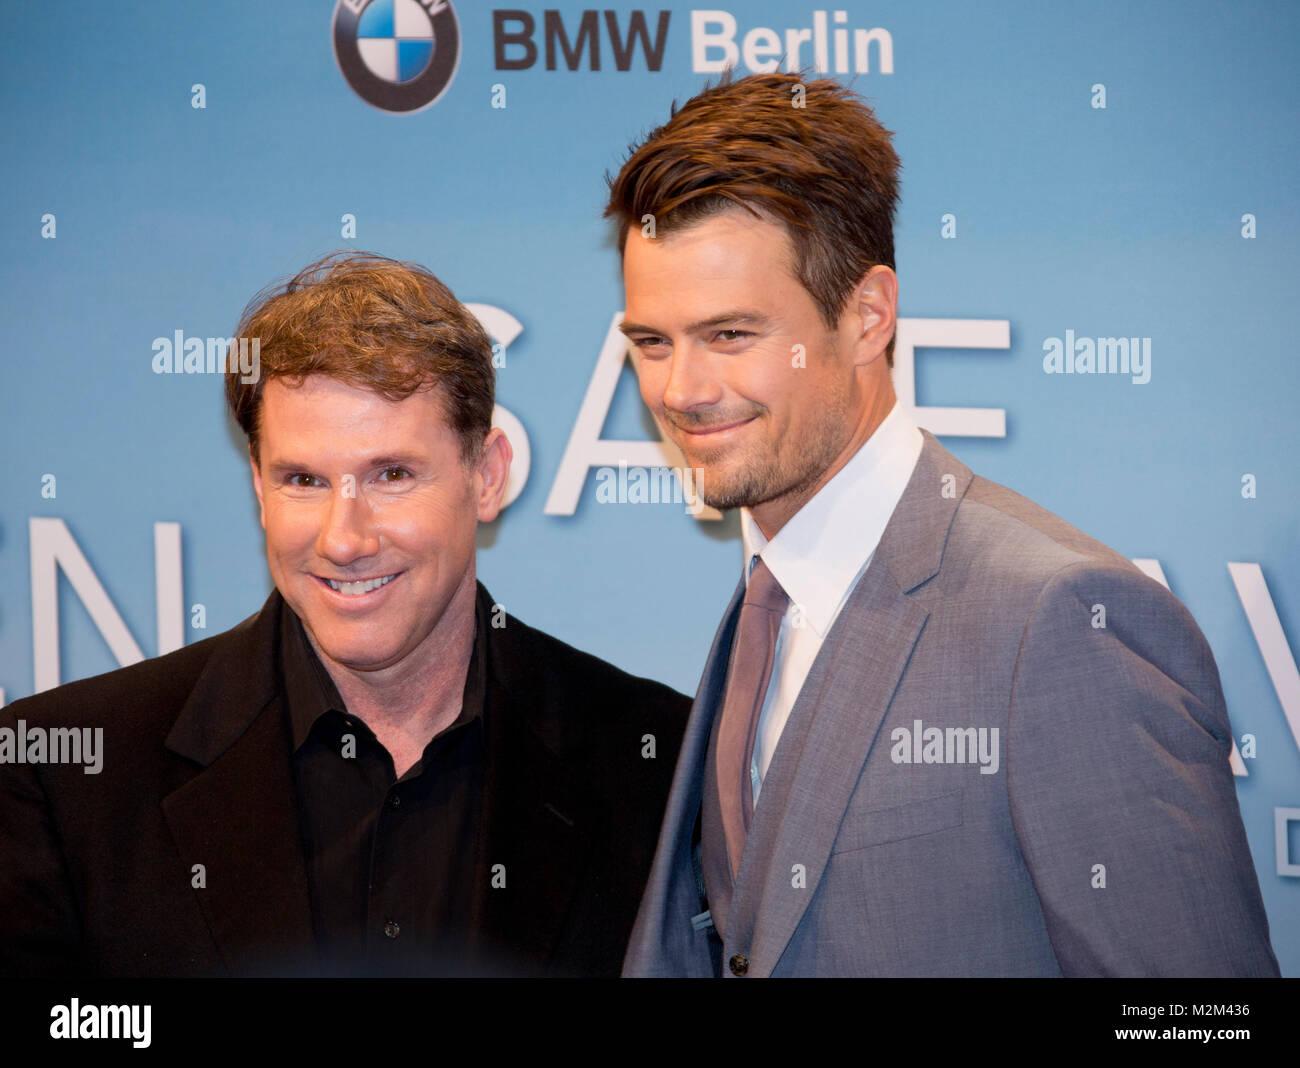 Romanautor und Produzent Nicholas Sparks und Darsteller Josh Duhamel auf dem Roten Teppich zur Deutschlandpremiere - Stock Image